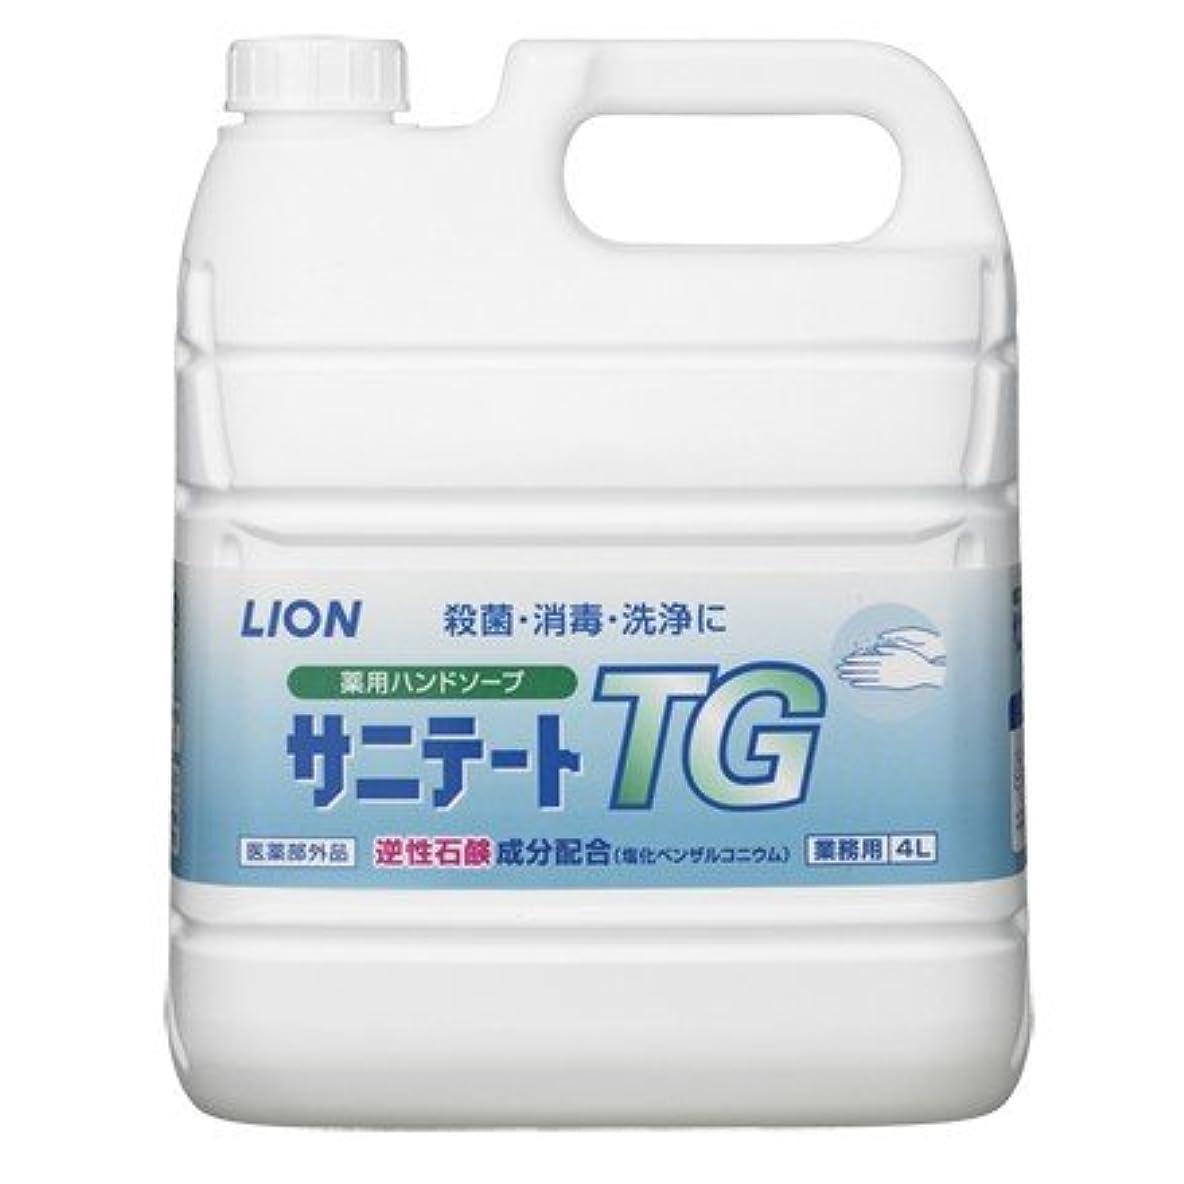 リーダーシップ撤回する鍔ライオン 薬用ハンドソープ サニテートTG 希釈タイプ(逆性石鹸)4L×2本入